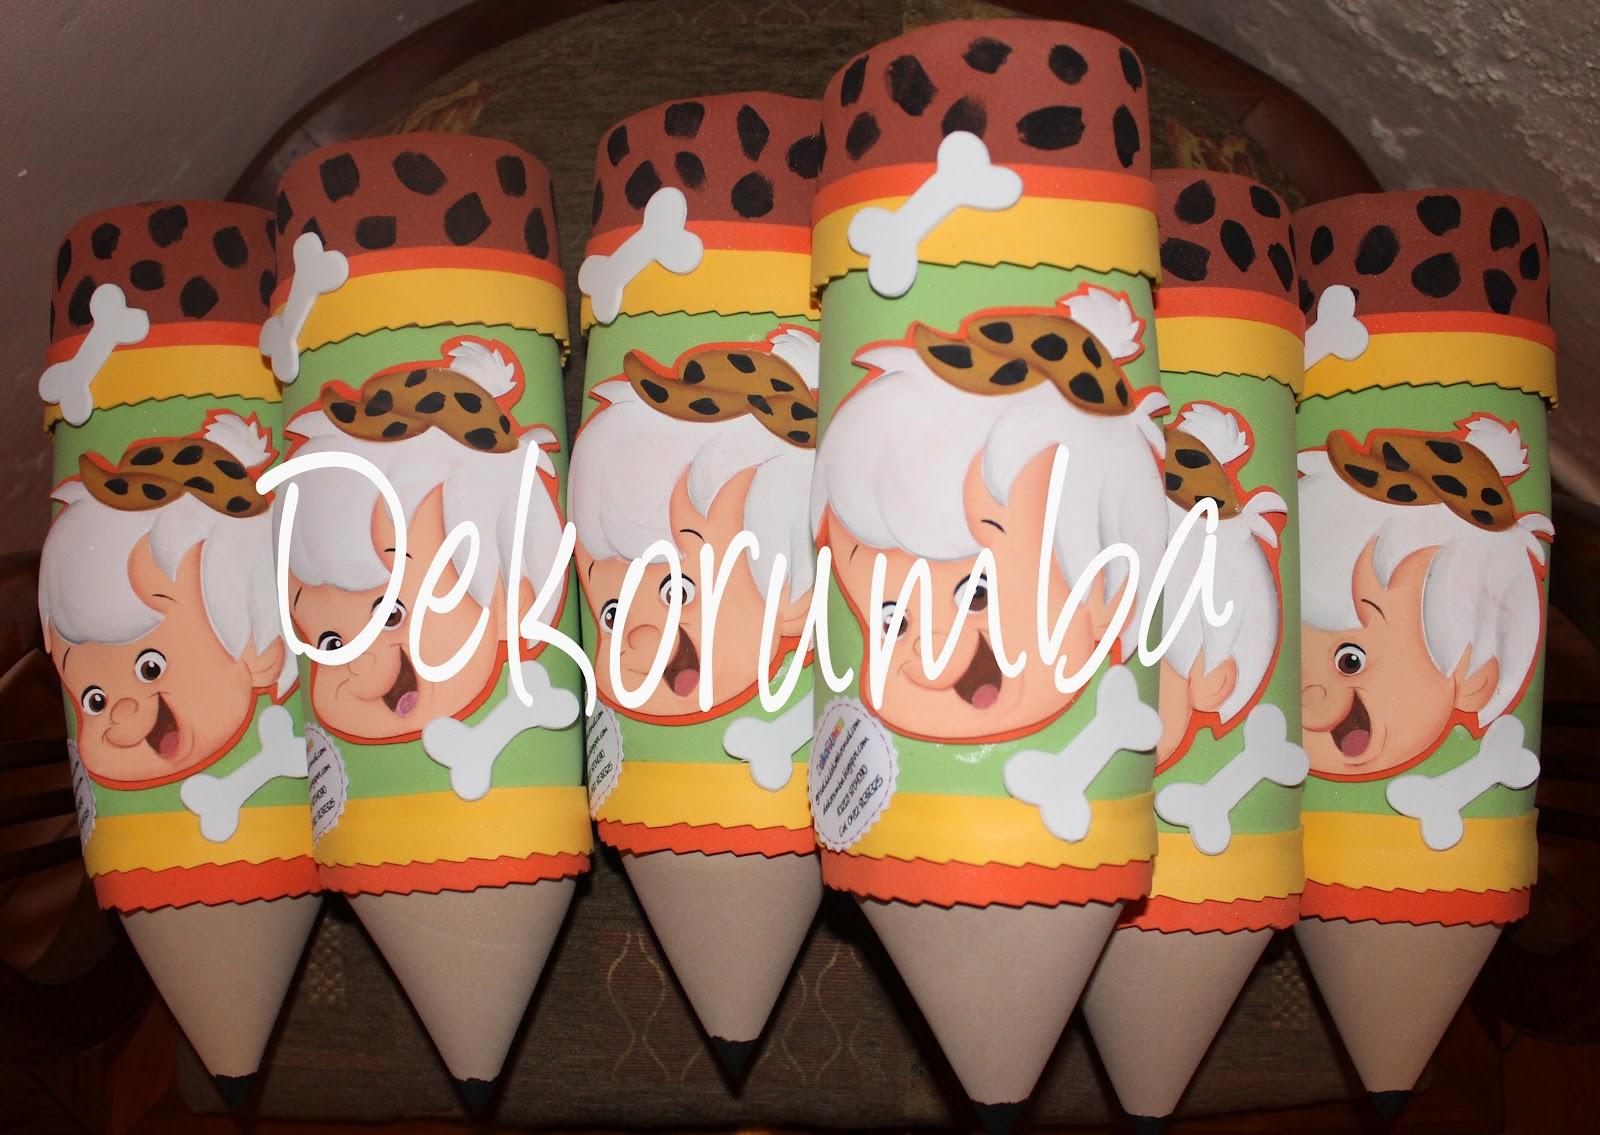 http://4.bp.blogspot.com/-0FPdLI0Bxvs/UBlC5aoiV1I/AAAAAAAAAms/gEPJxIrQ8tM/s1600/cotillones+lapices+bambam+%25282%2529.jpg